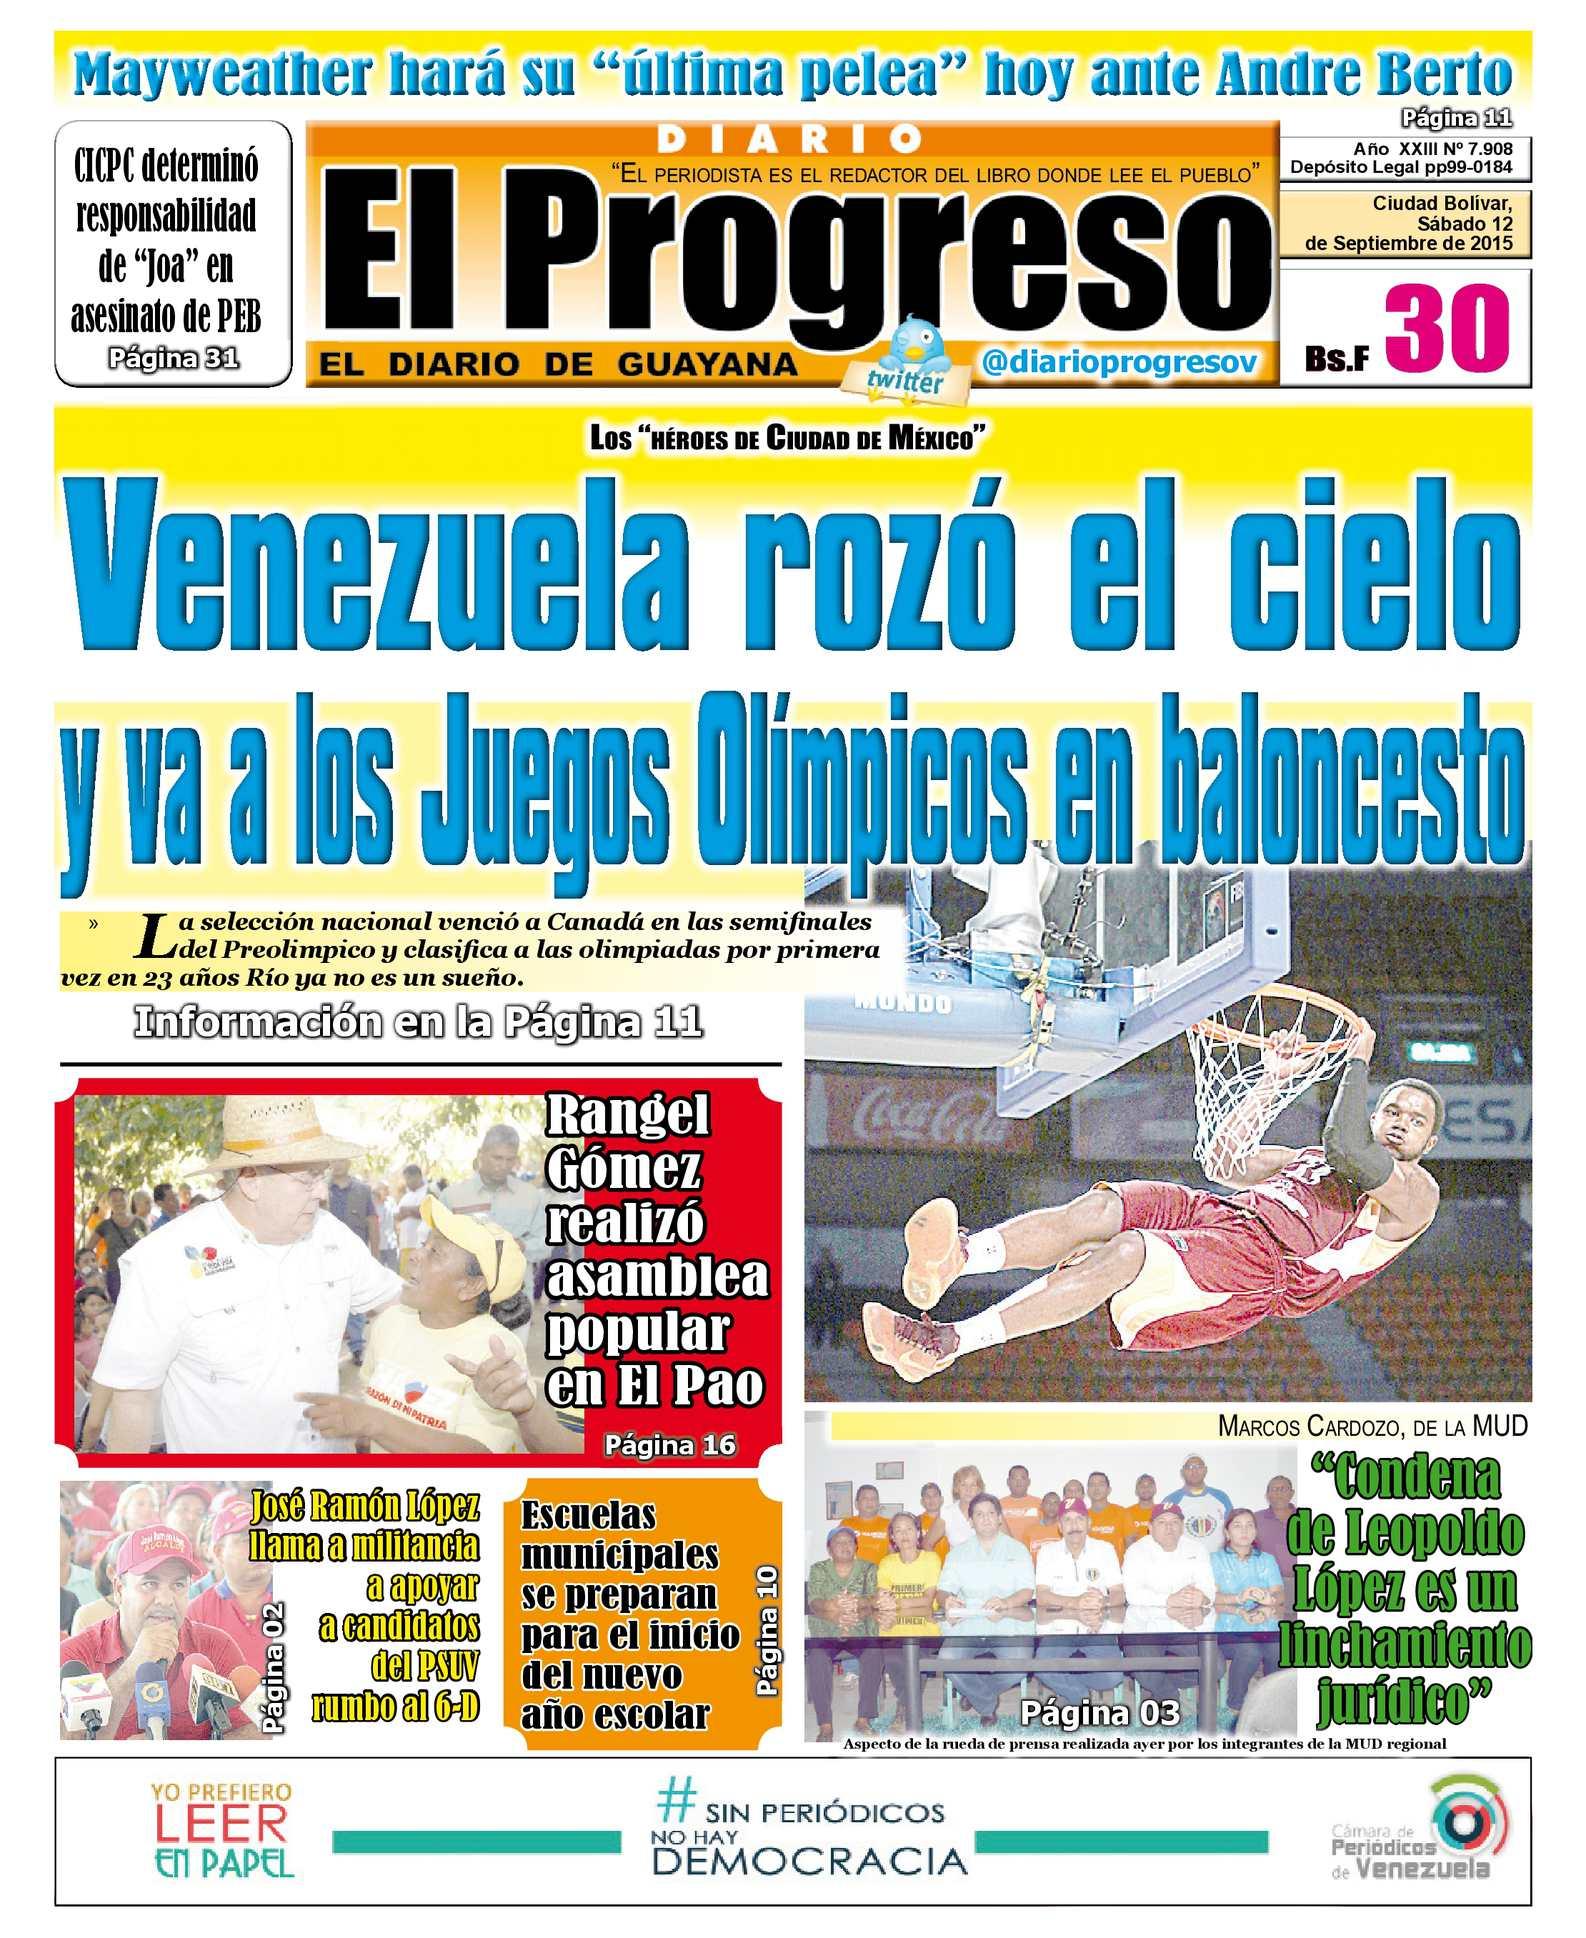 Calaméo - DiarioelprogresoEDICIÓNDIGITAL 12-09-2015